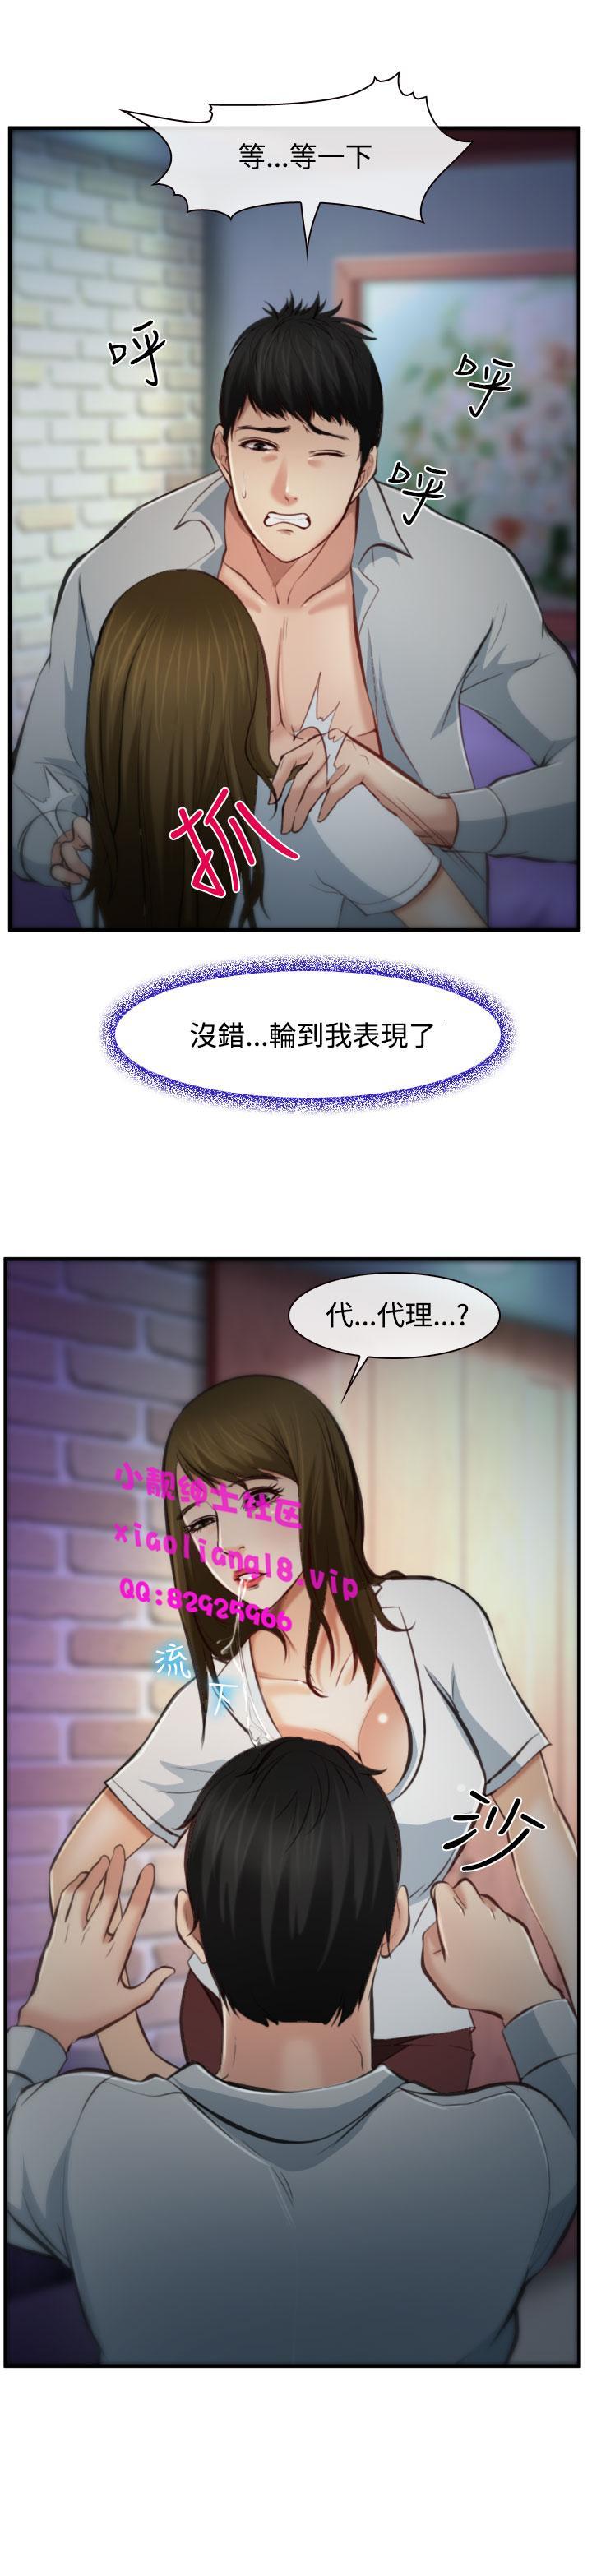 中文韩漫 他與她 Ch.0-5 129